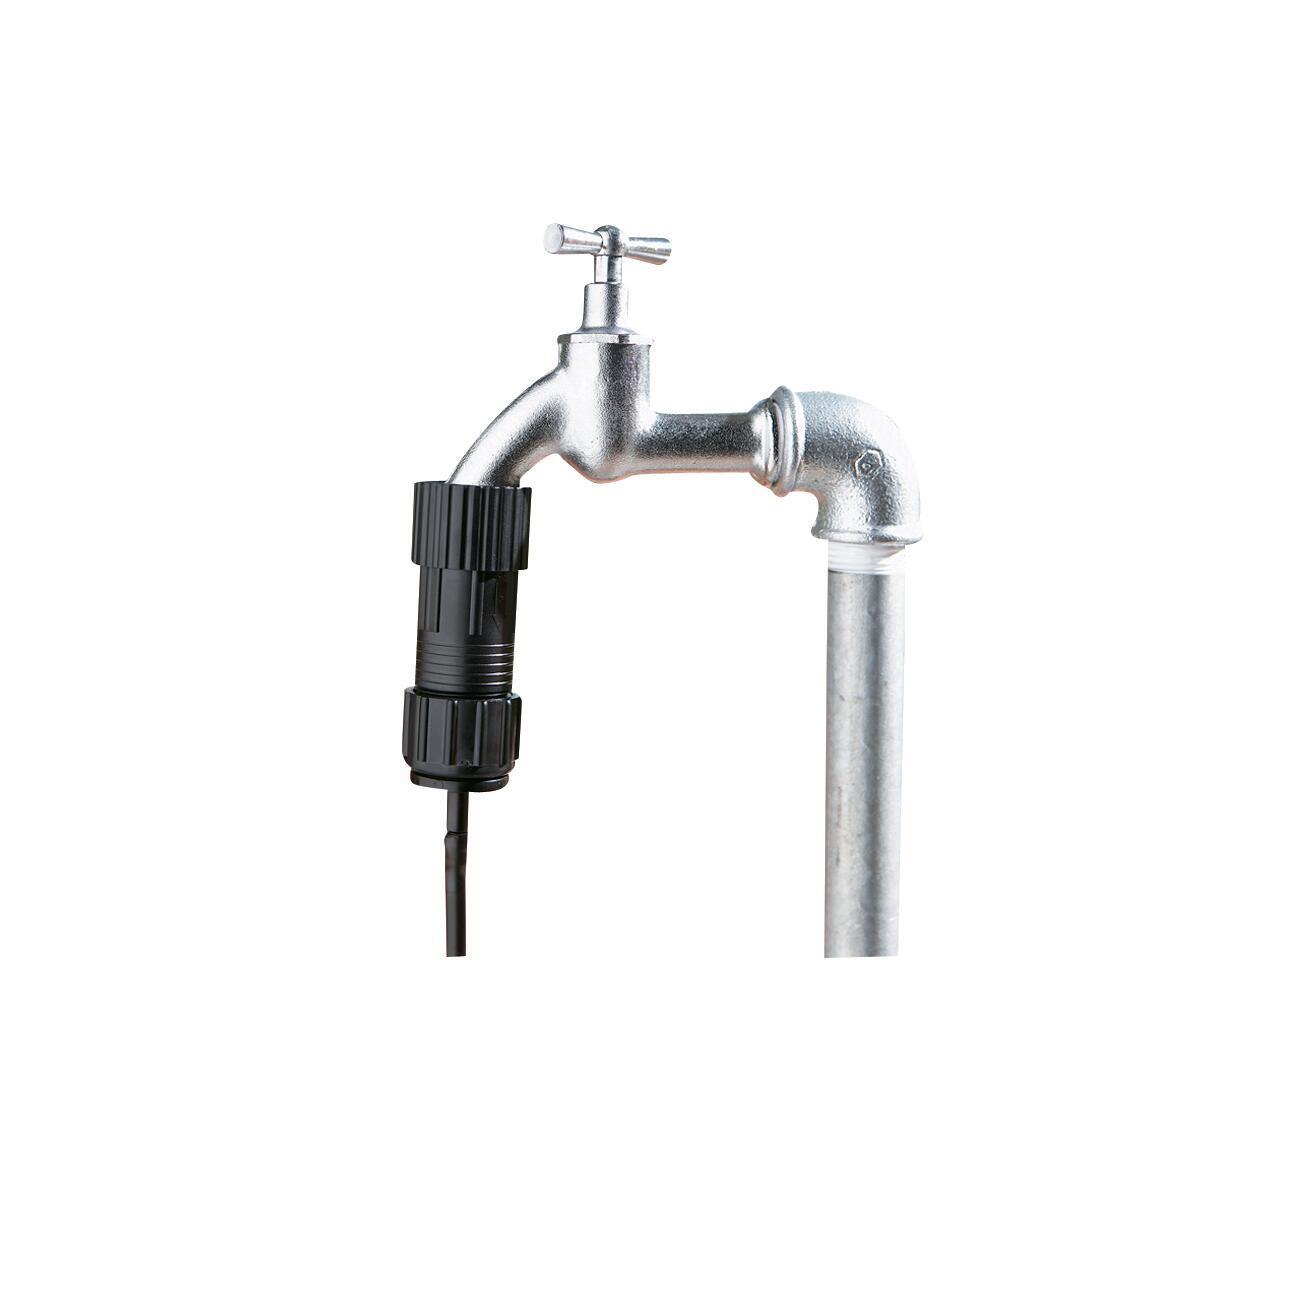 Riduttore di pressione GEOLIA GEO1040-1 - 2